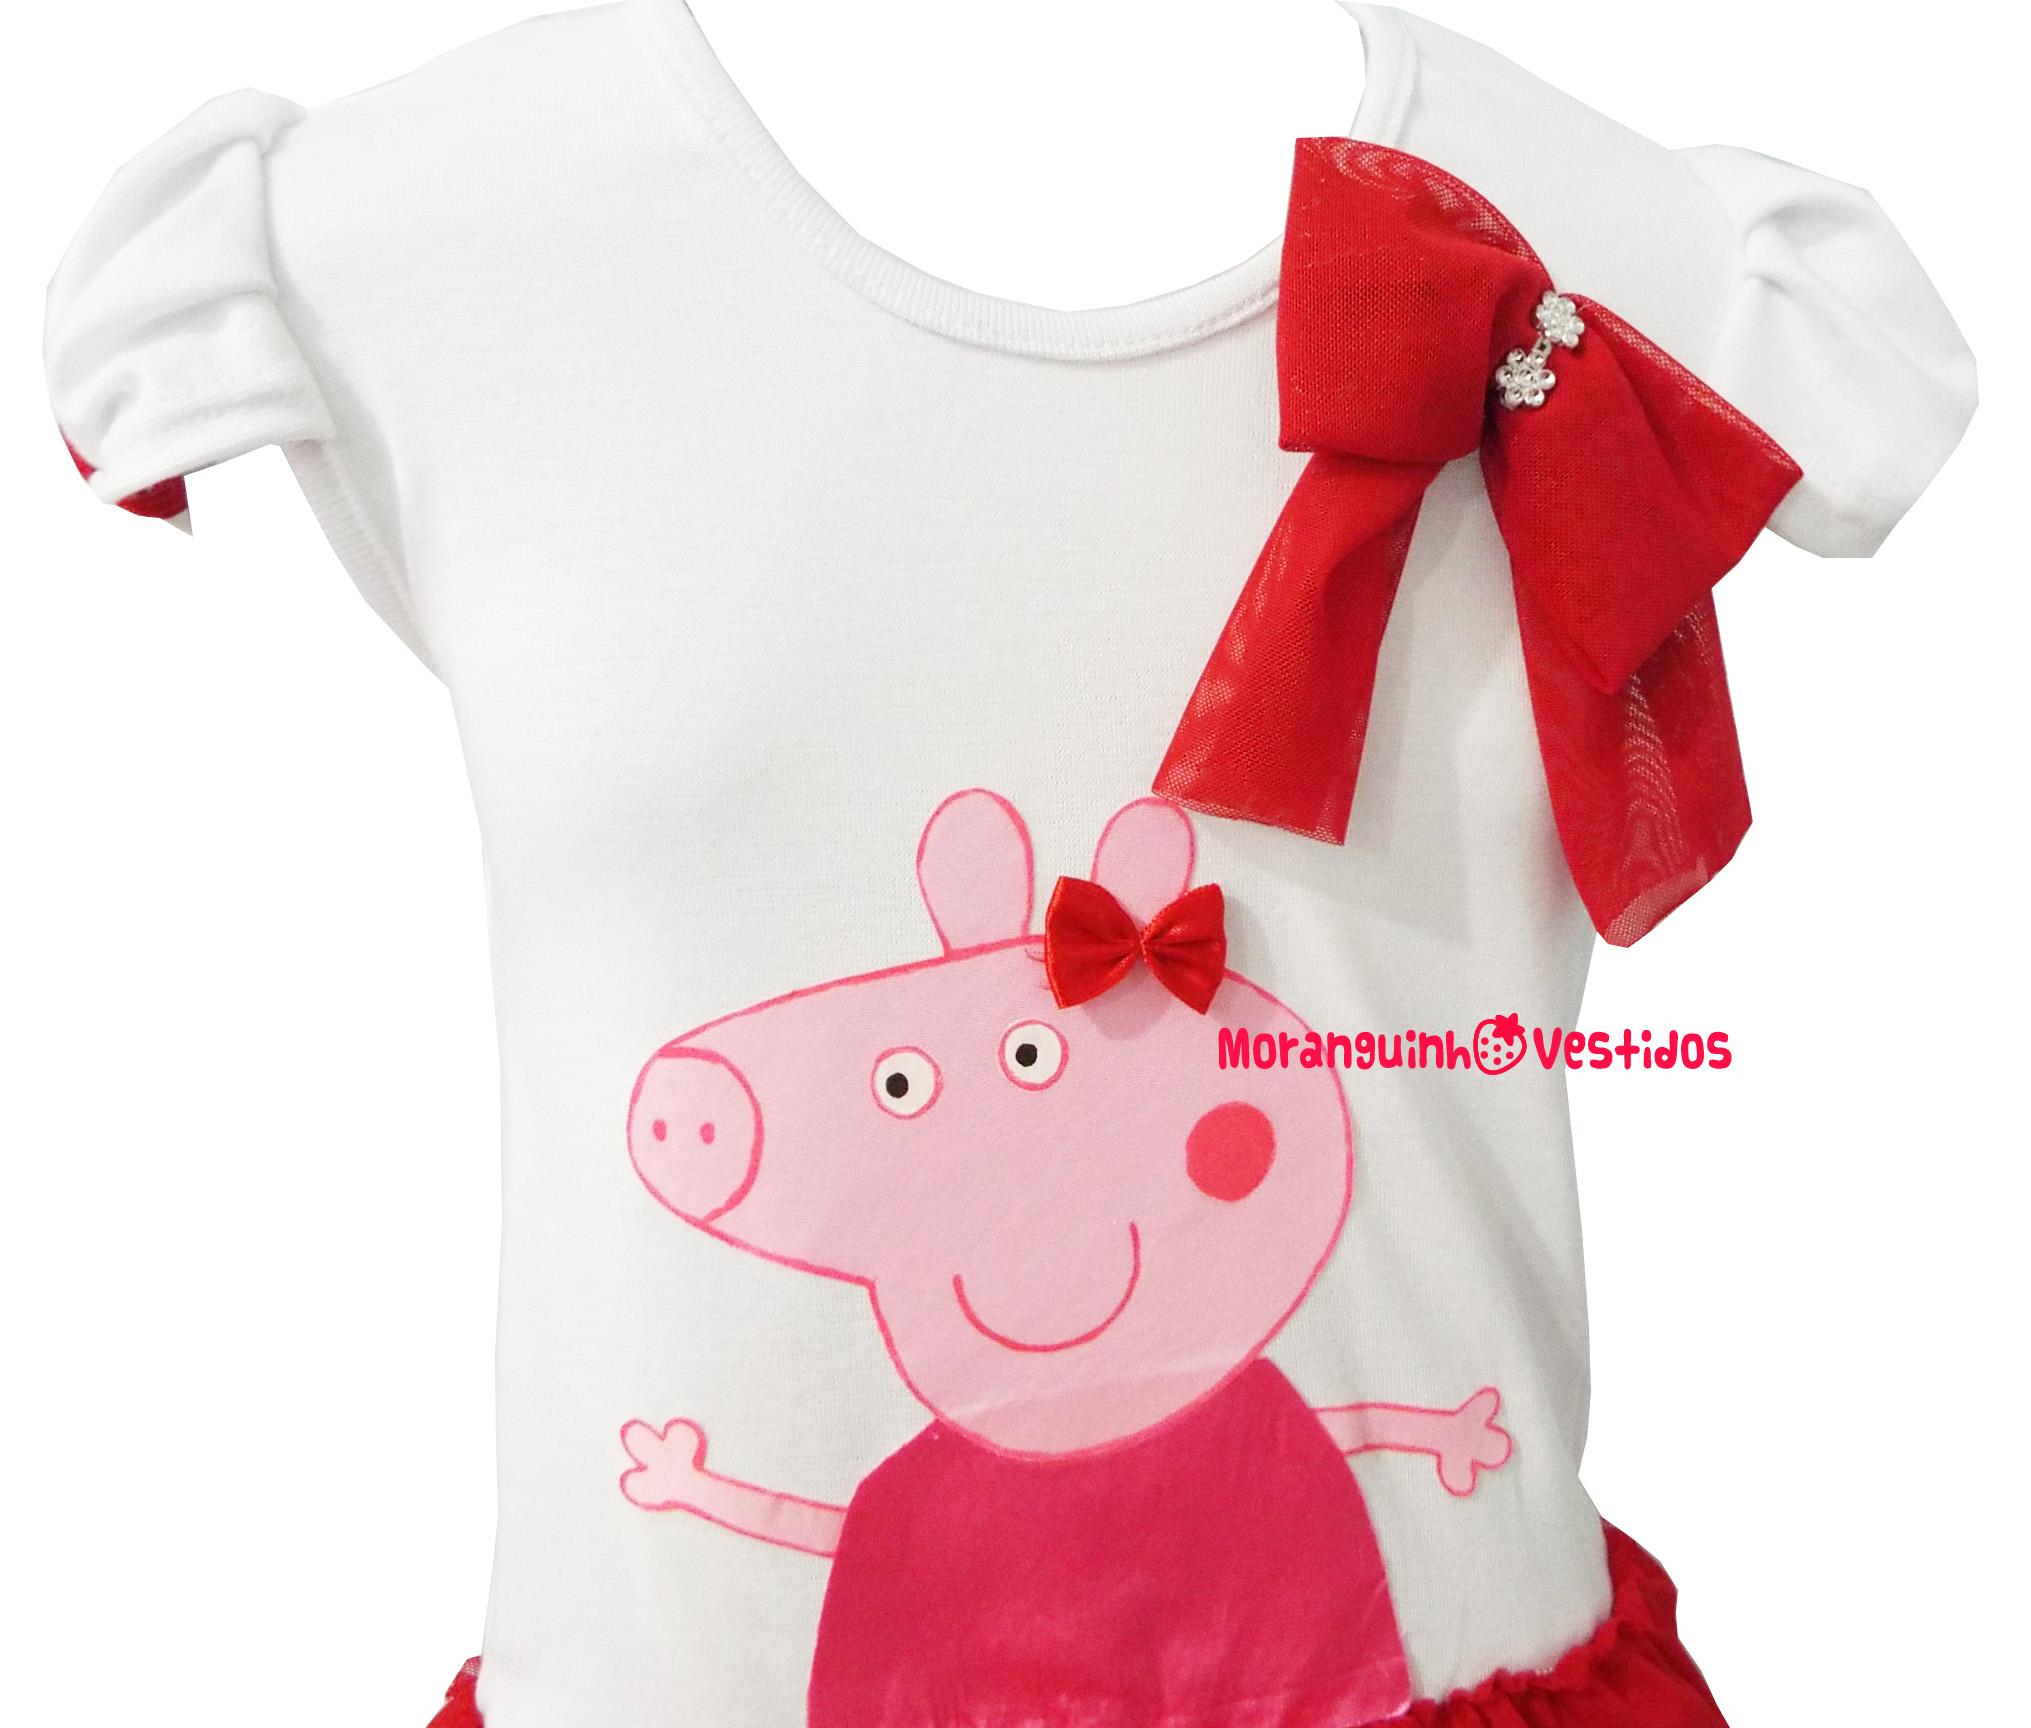 baf134edf Vestido Peppa Pig - MOD. 2 no Elo7 | MORANGUINHO VESTIDOS (406B91)